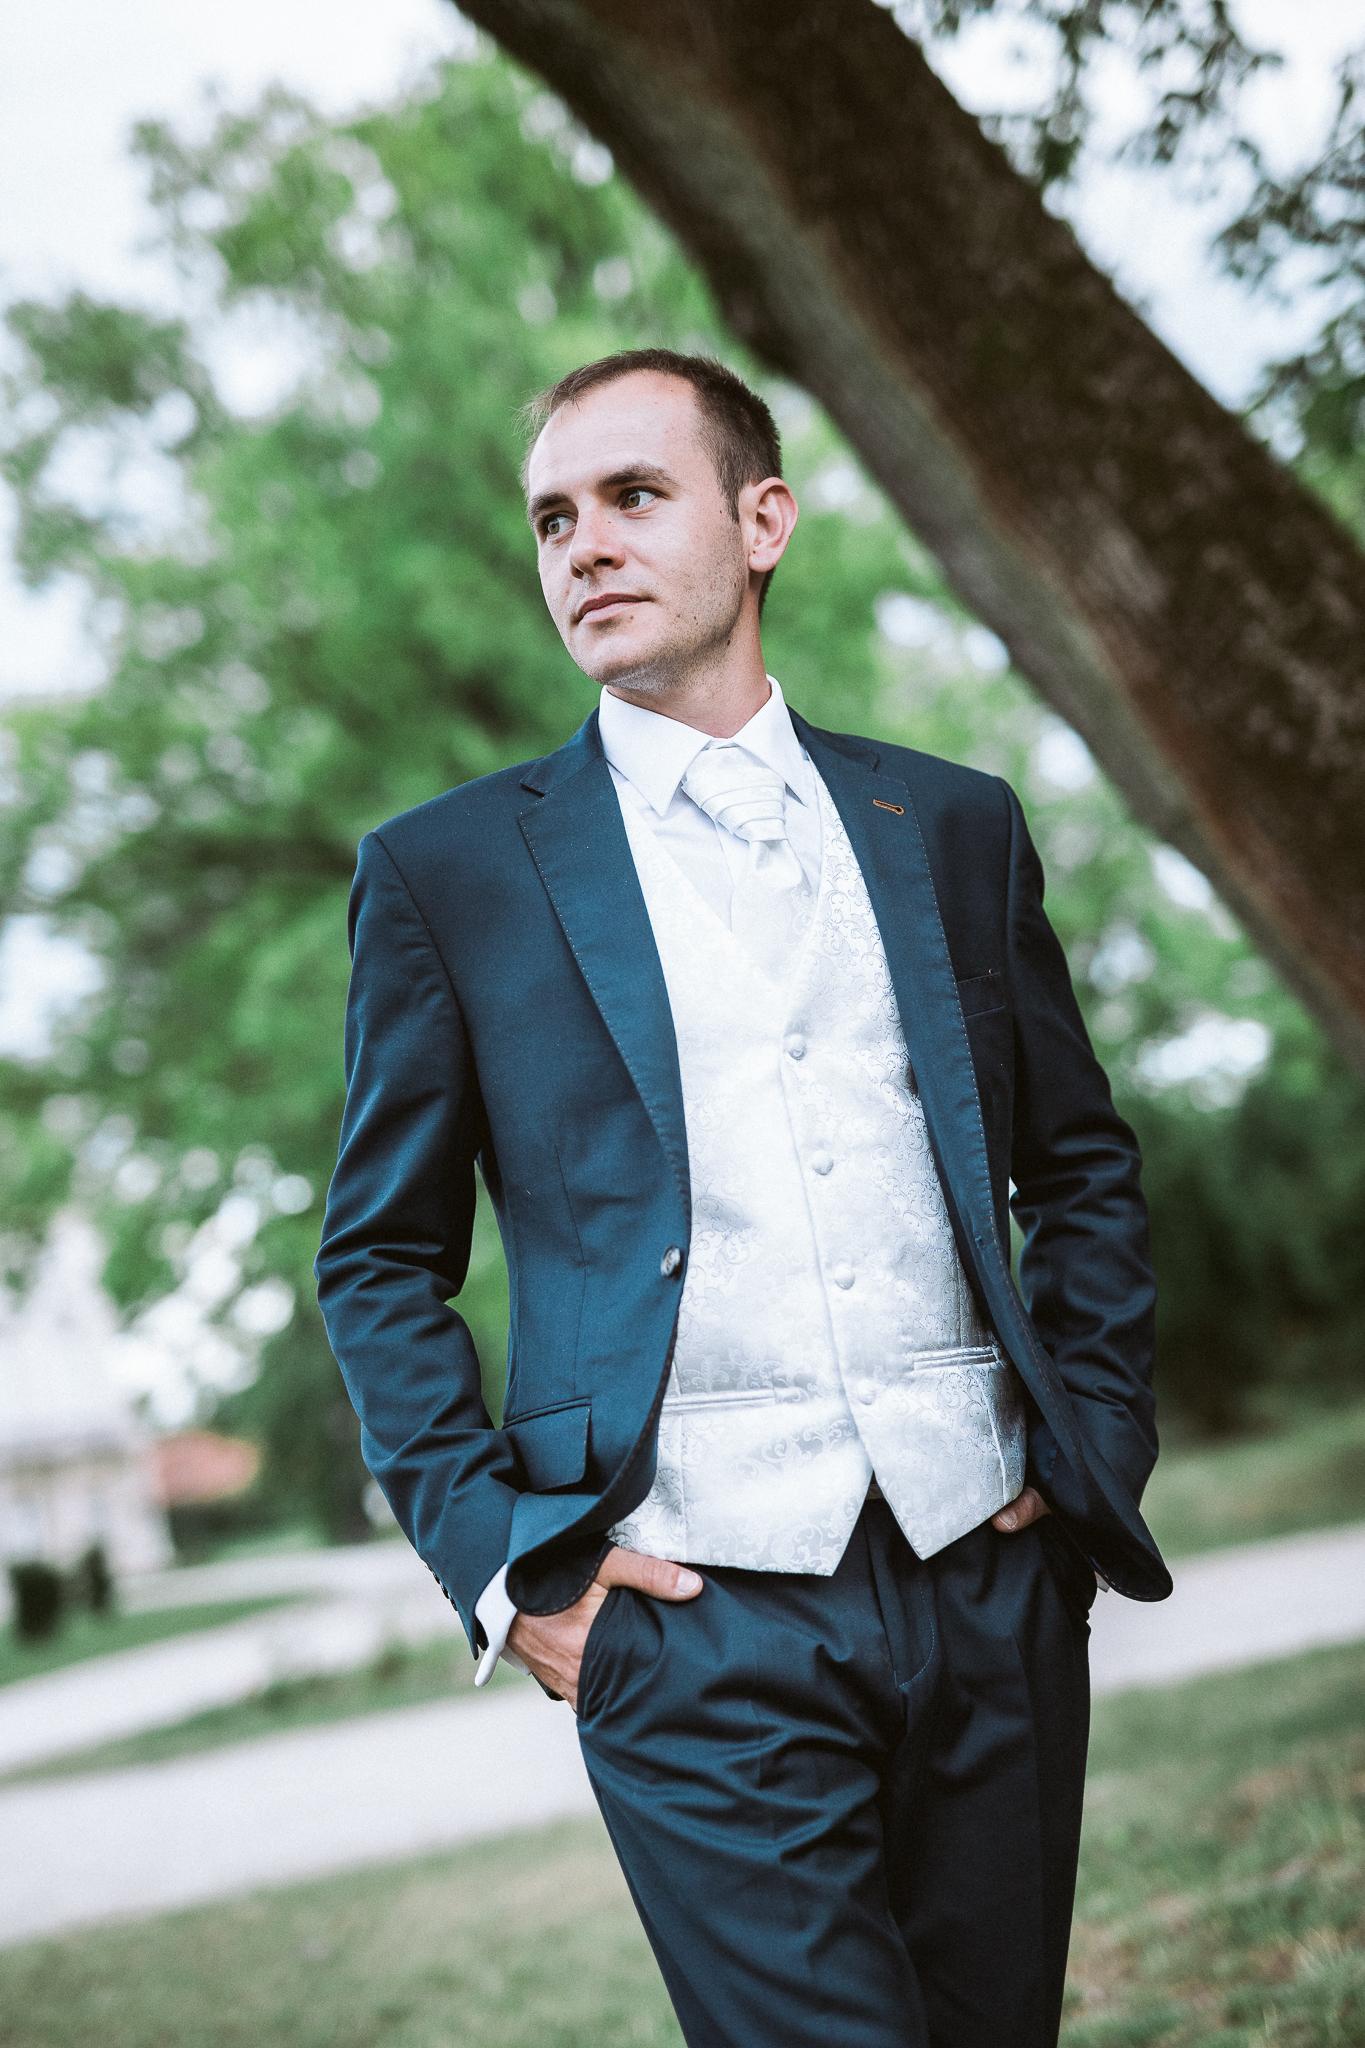 FylepPhoto, esküvőfotós, esküvői fotós Körmend, Szombathely, esküvőfotózás, magyarország, vas megye, prémium, jegyesfotózás, Fülöp Péter, körmend, kreatív, fotográfus_20-2.jpg